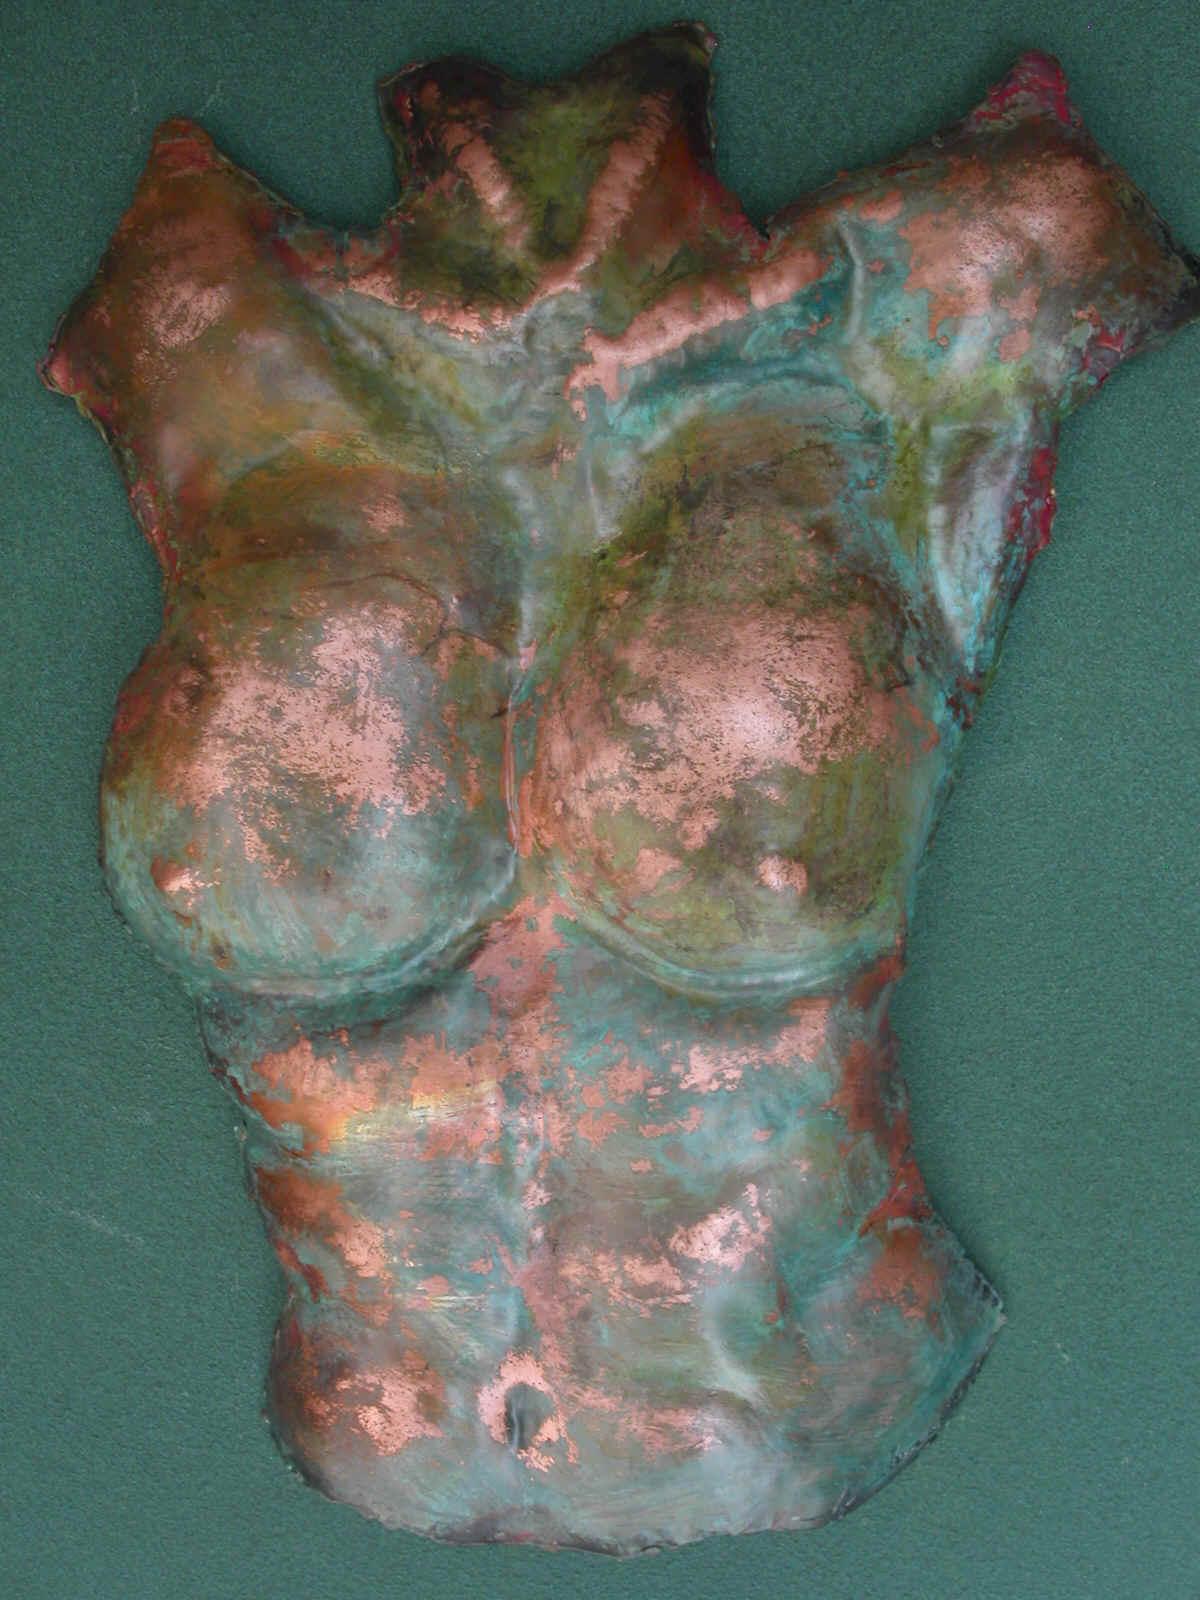 female_bust_andersons_metal_sculpture.jpg